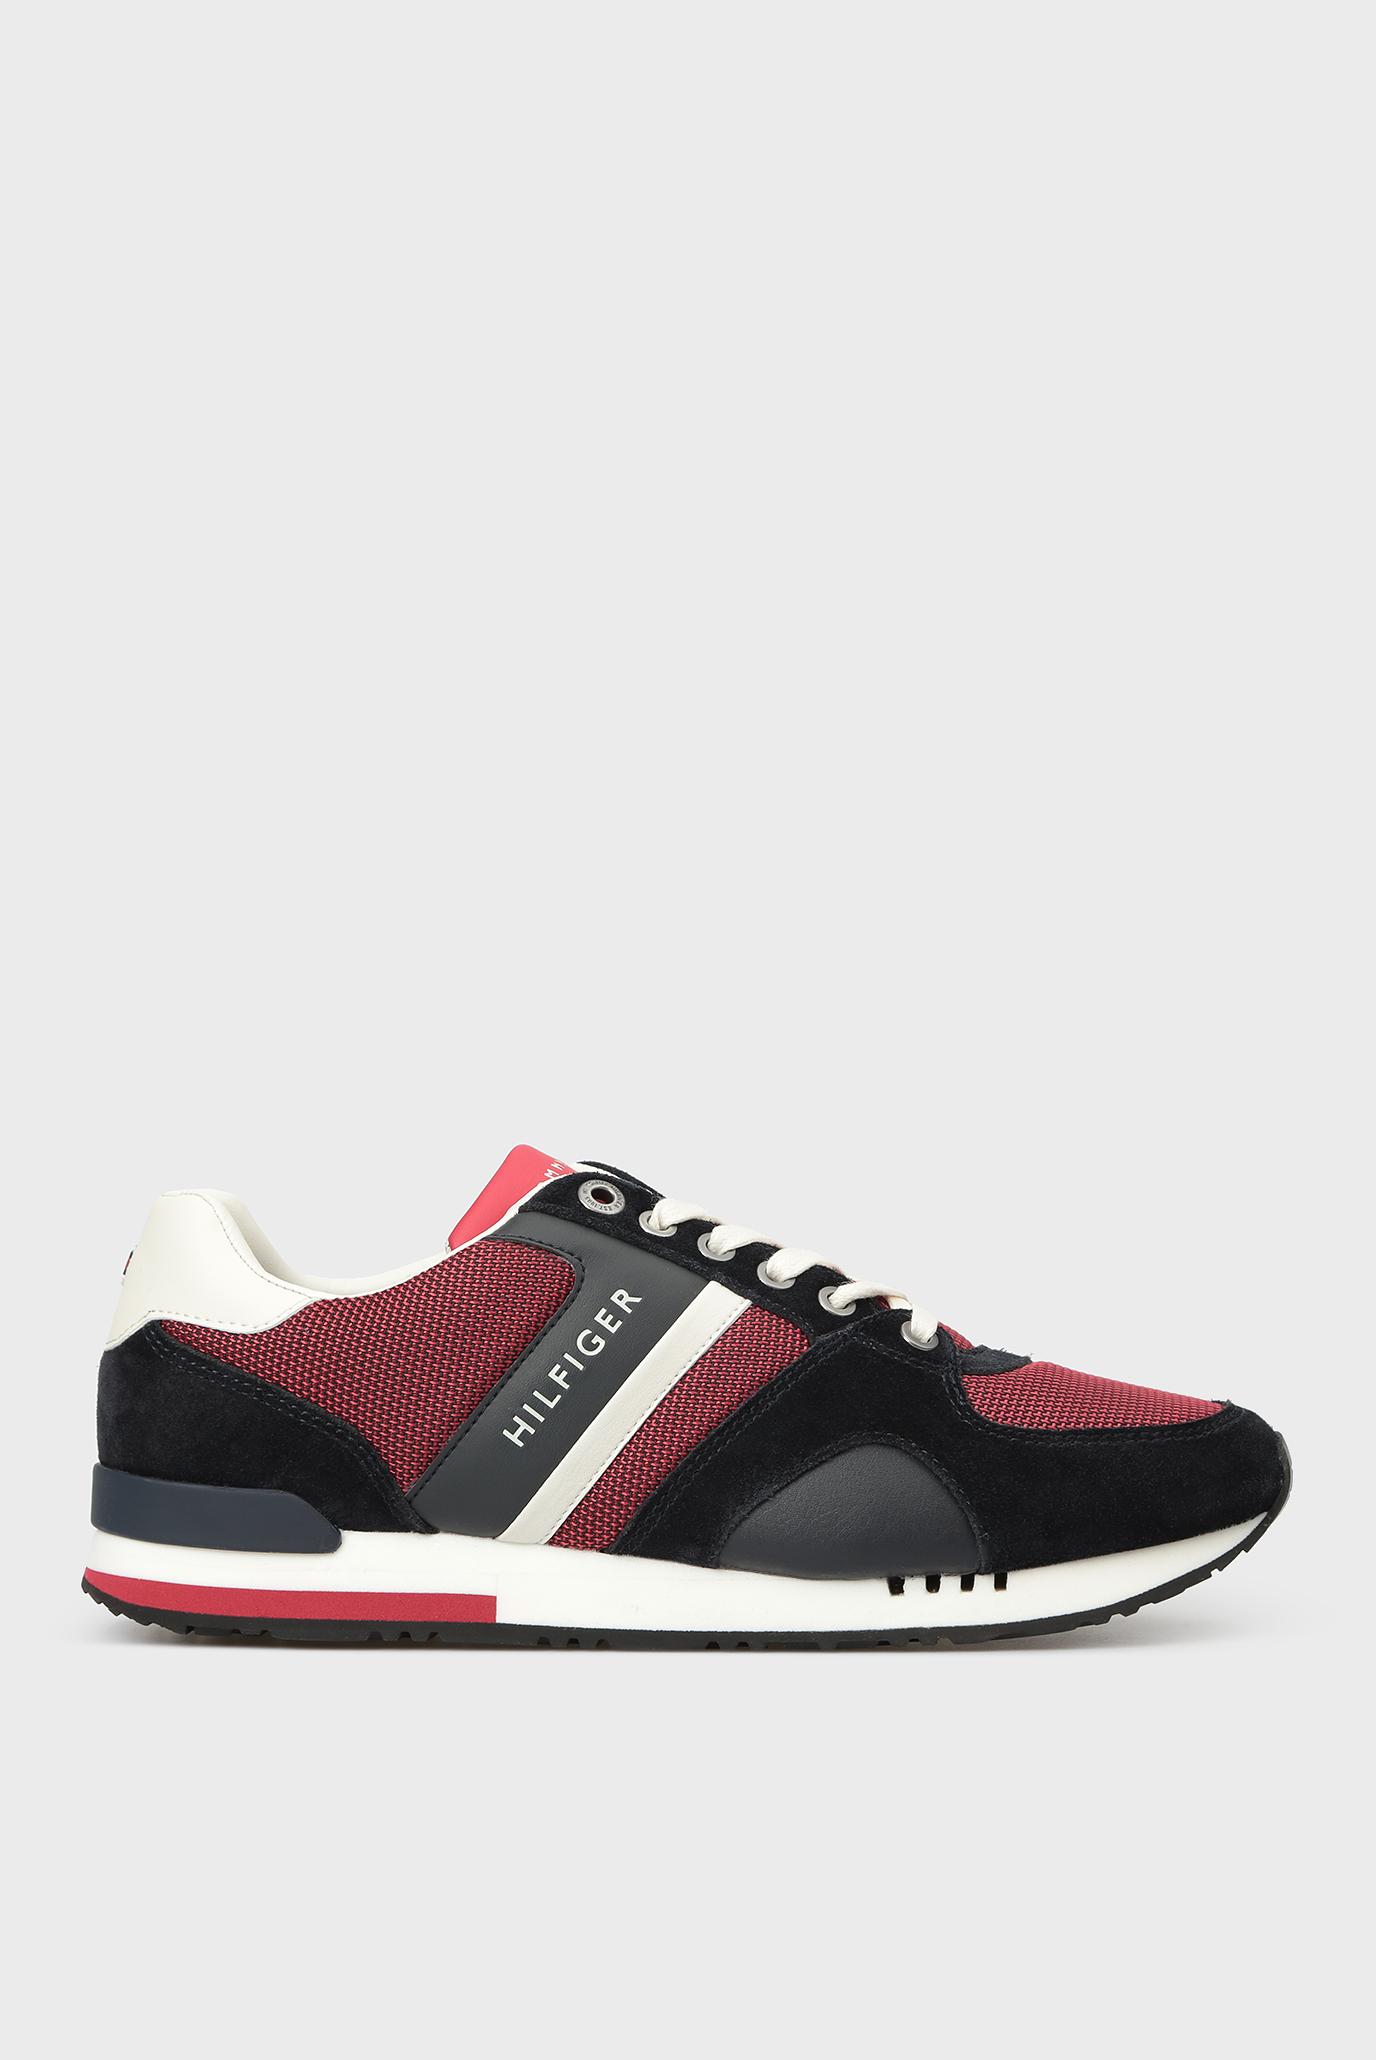 Купить Мужские красные кроссовки Tommy Hilfiger Tommy Hilfiger FM0FM01655 –  Киев, Украина. Цены в интернет магазине MD Fashion 84b0702c369